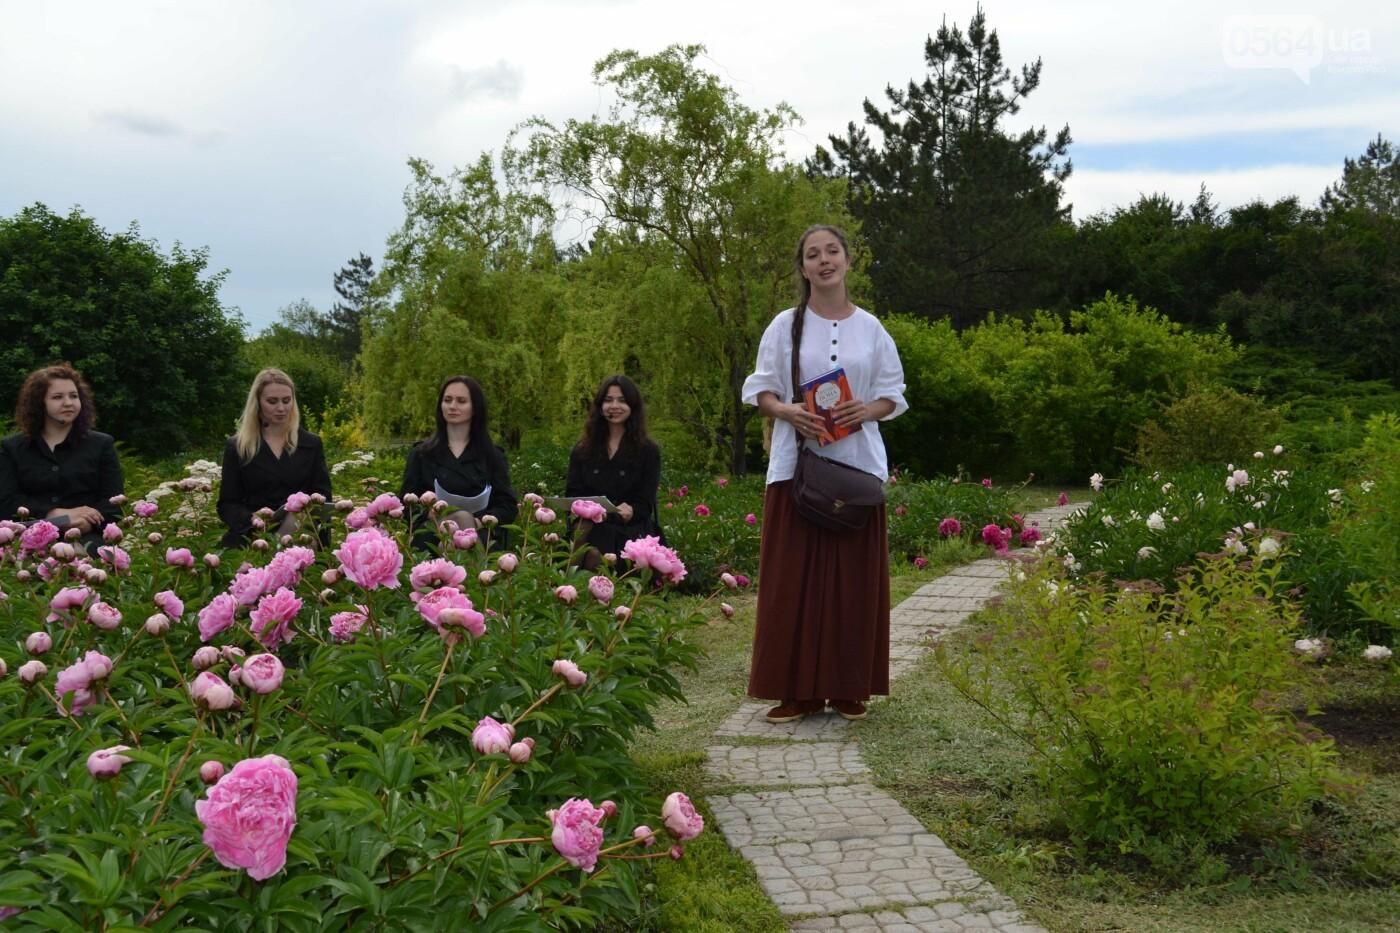 О чем она молчит: в Криворожском ботаническом саду стартовал «женский»  проект, - ФОТО, ВИДЕО, фото-2